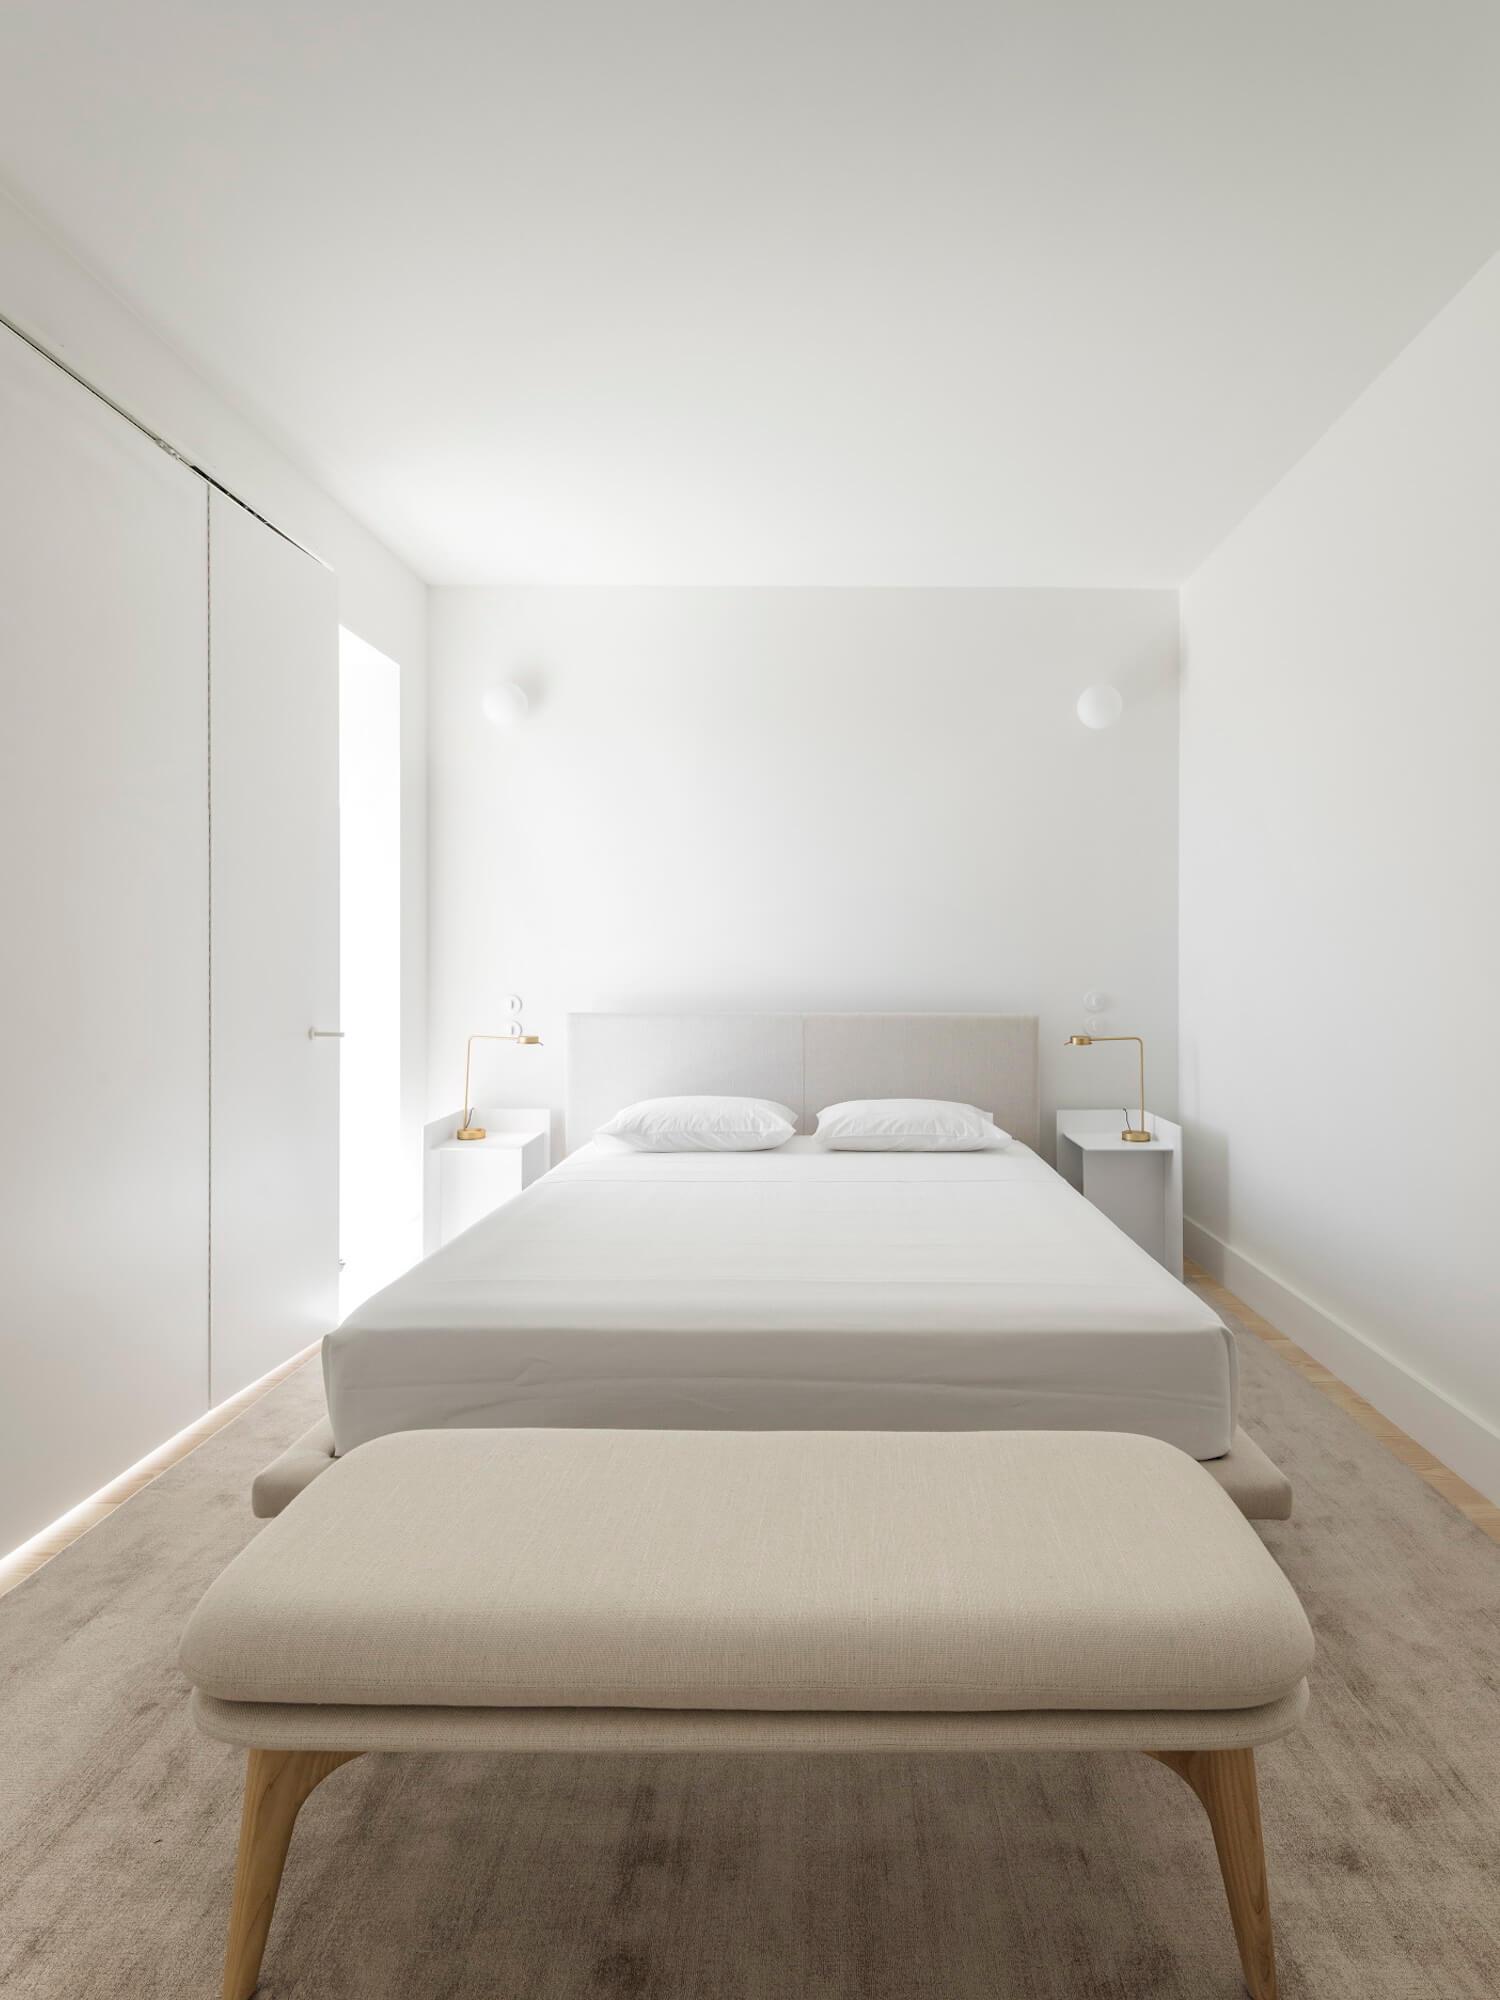 est living Apartment AMC rar studio 15